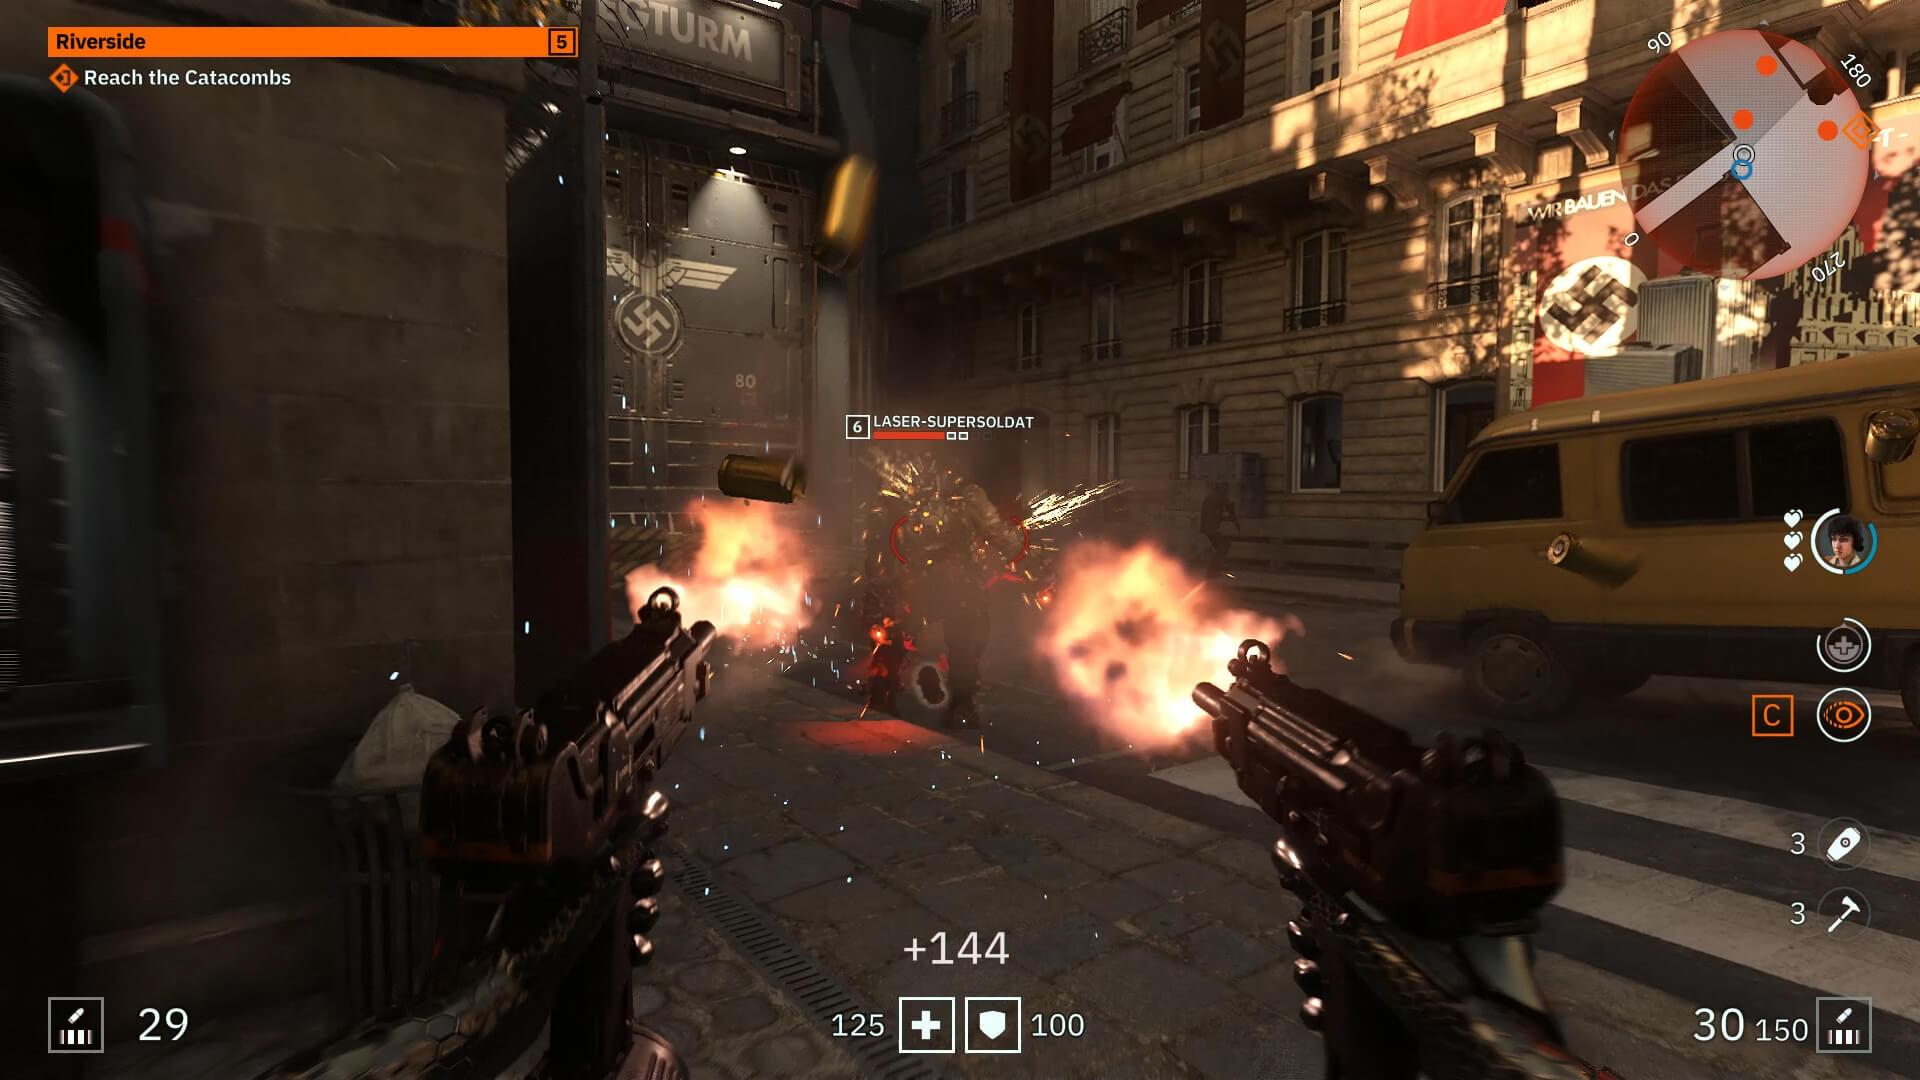 Le doppie armi: uno degli elementi distintivi della saga.